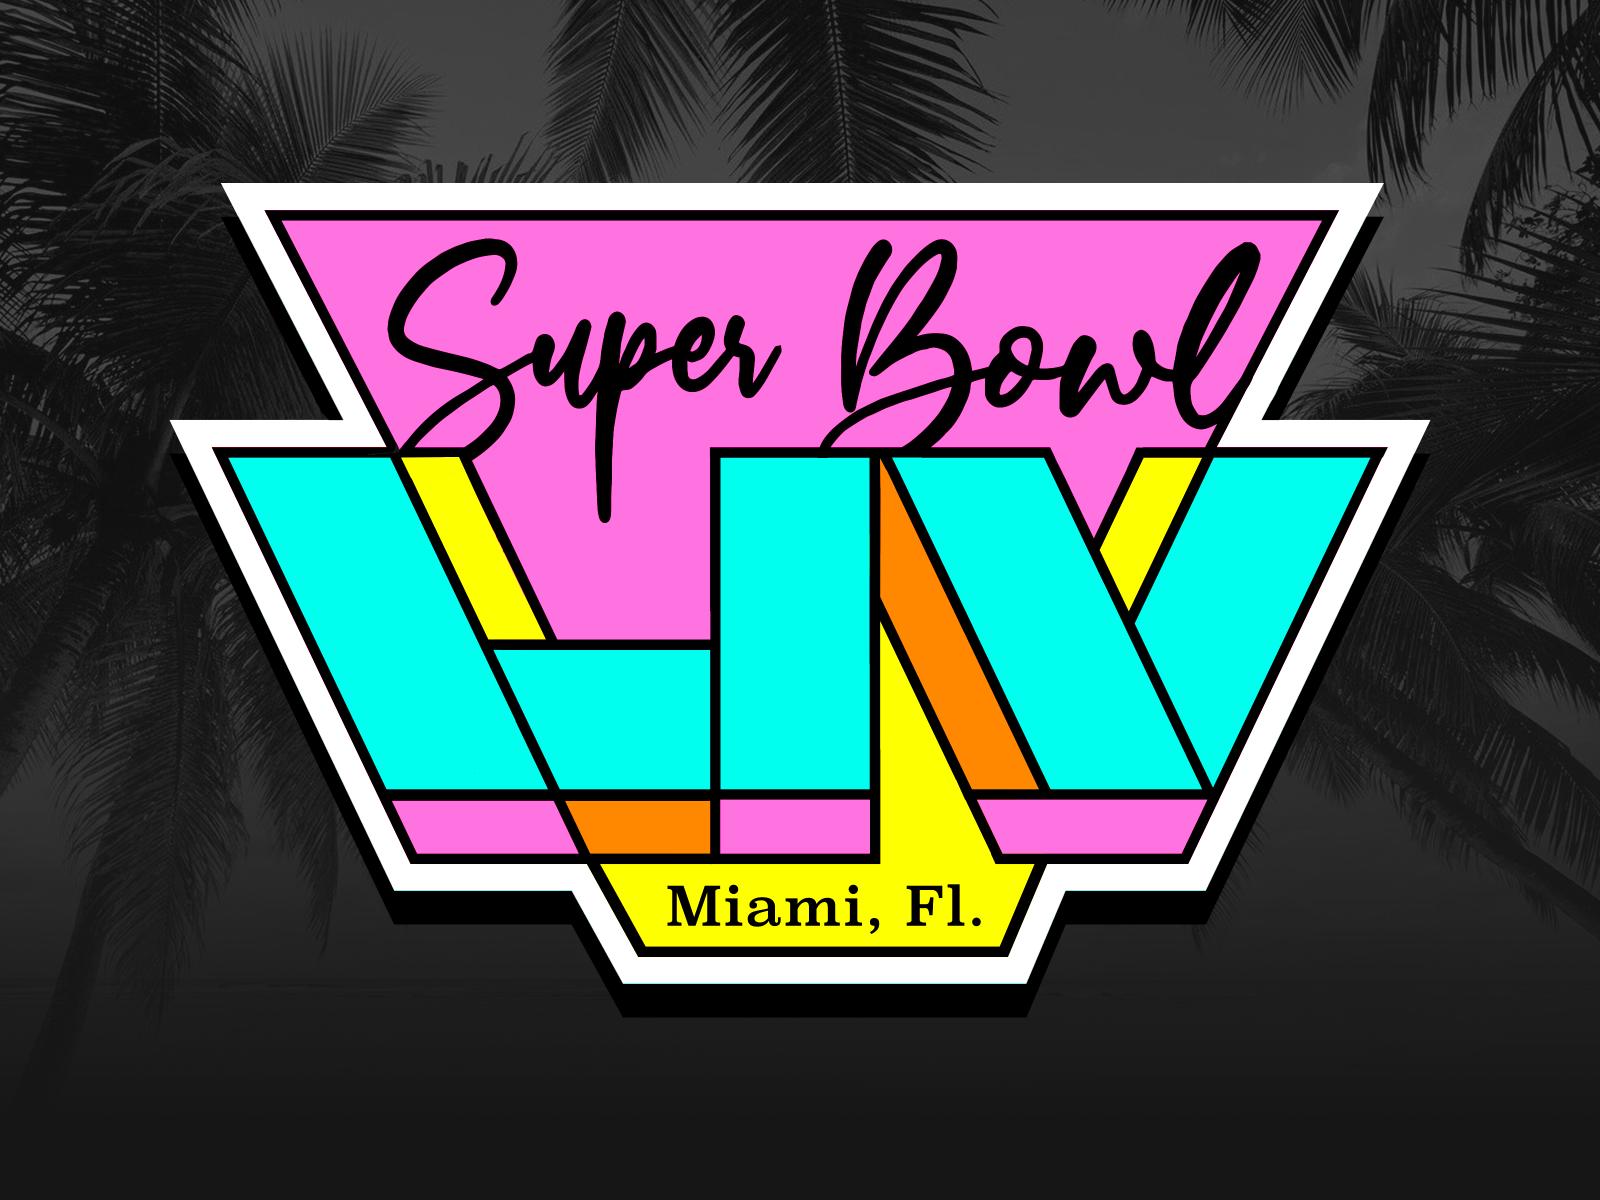 Super Bowl LIV Miami Concept by Victor Tony Costa on Dribbble 1600x1200